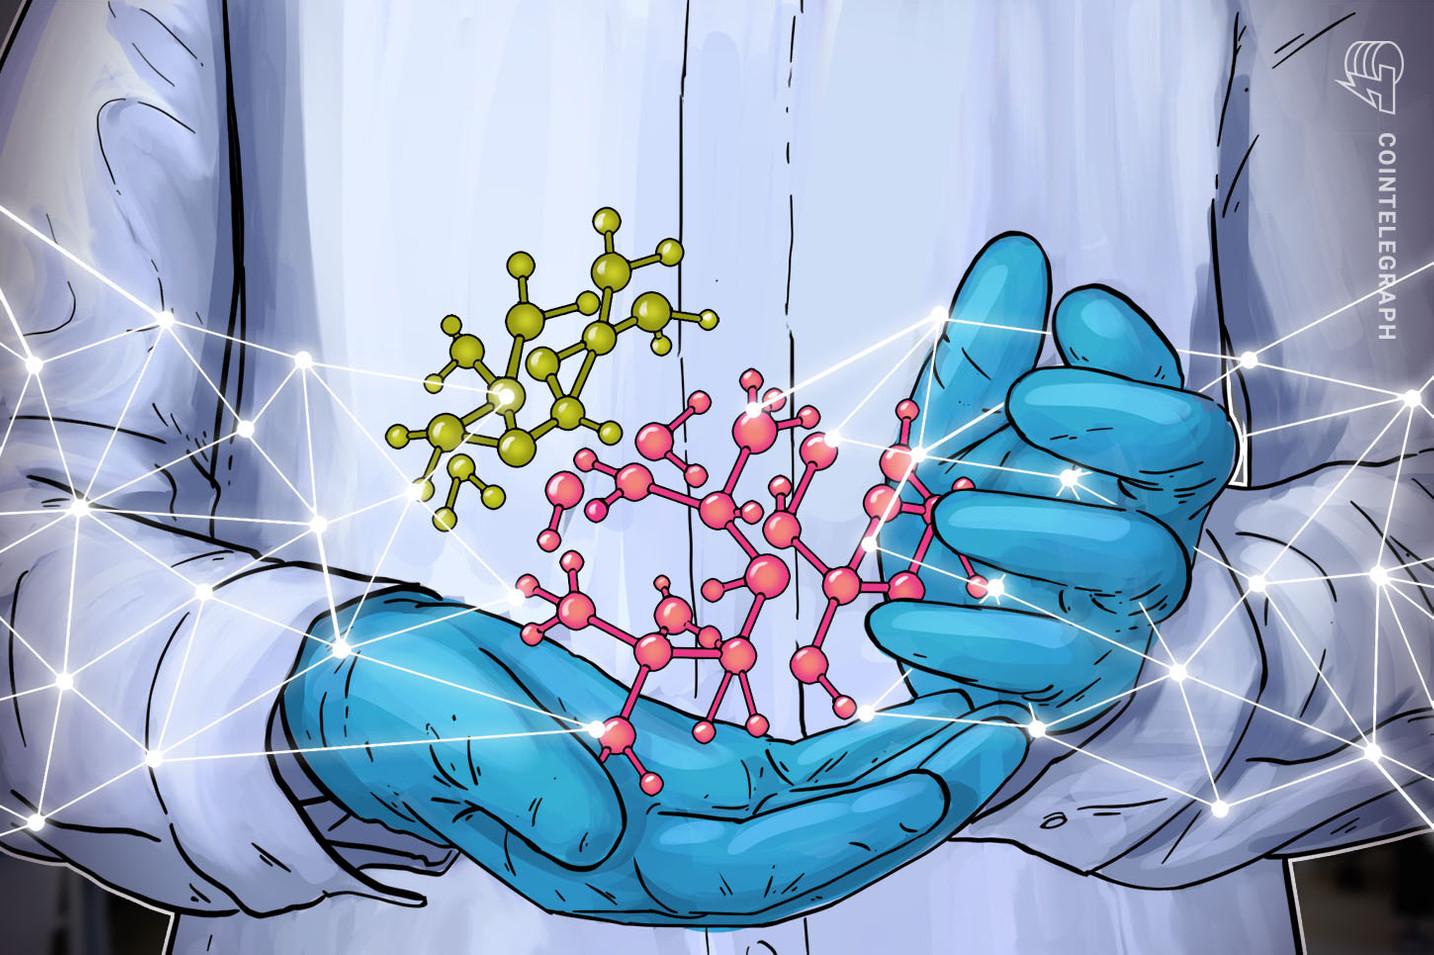 US-Energieministerium bewilligt 4,8 Millionen Dollar Forschungsgelder für Blockchain und andere Technologien